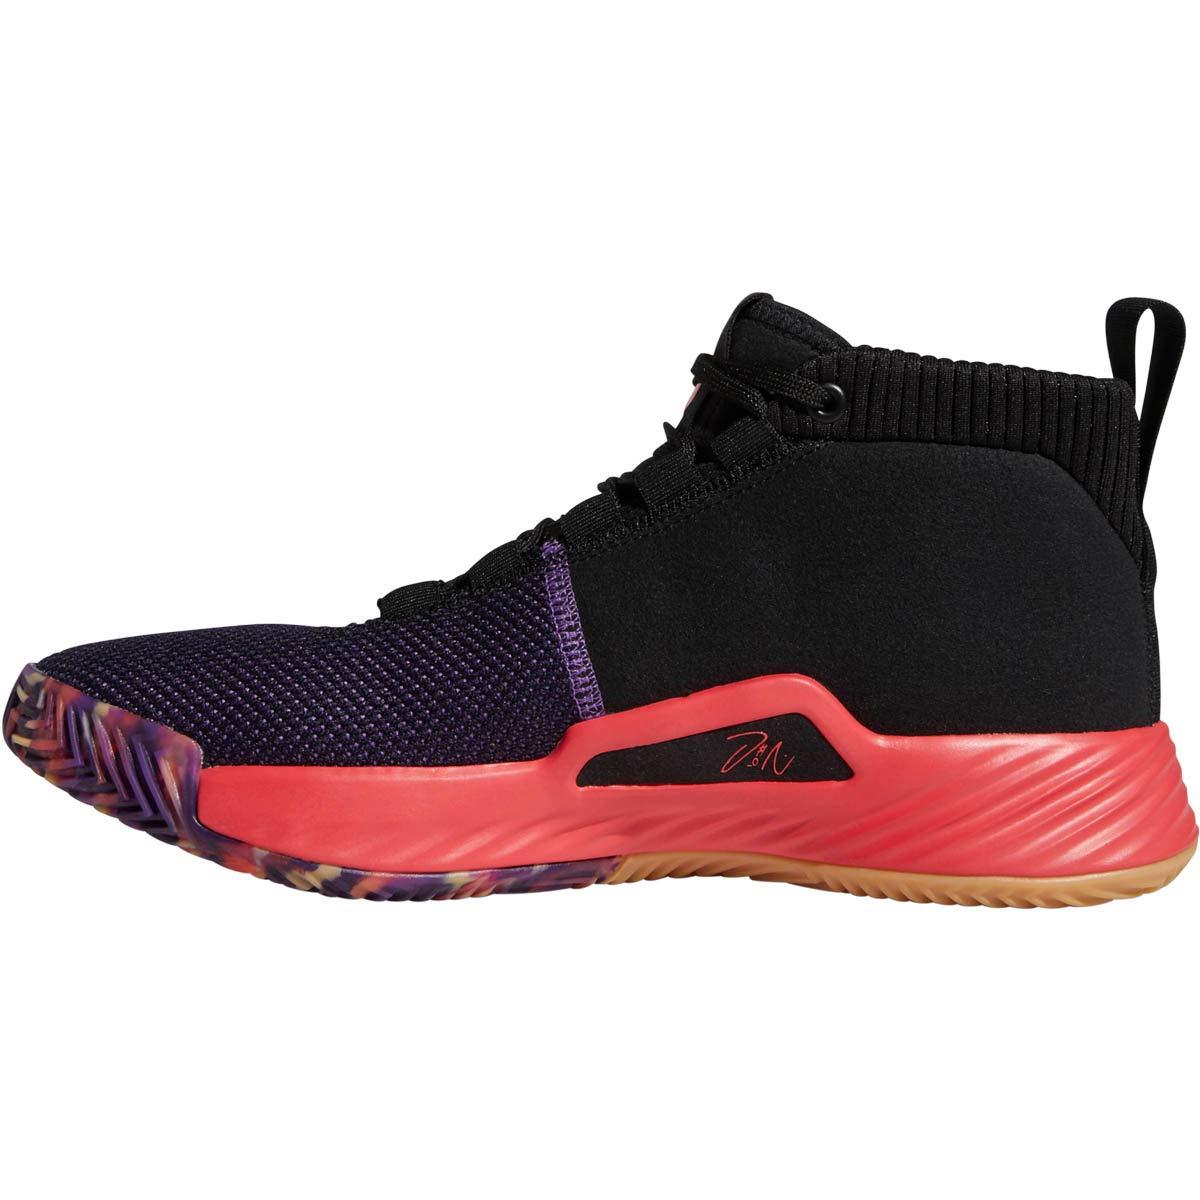 Adidas Dame 5 CBC 48 2 3-UK 13 13 13 0ed858